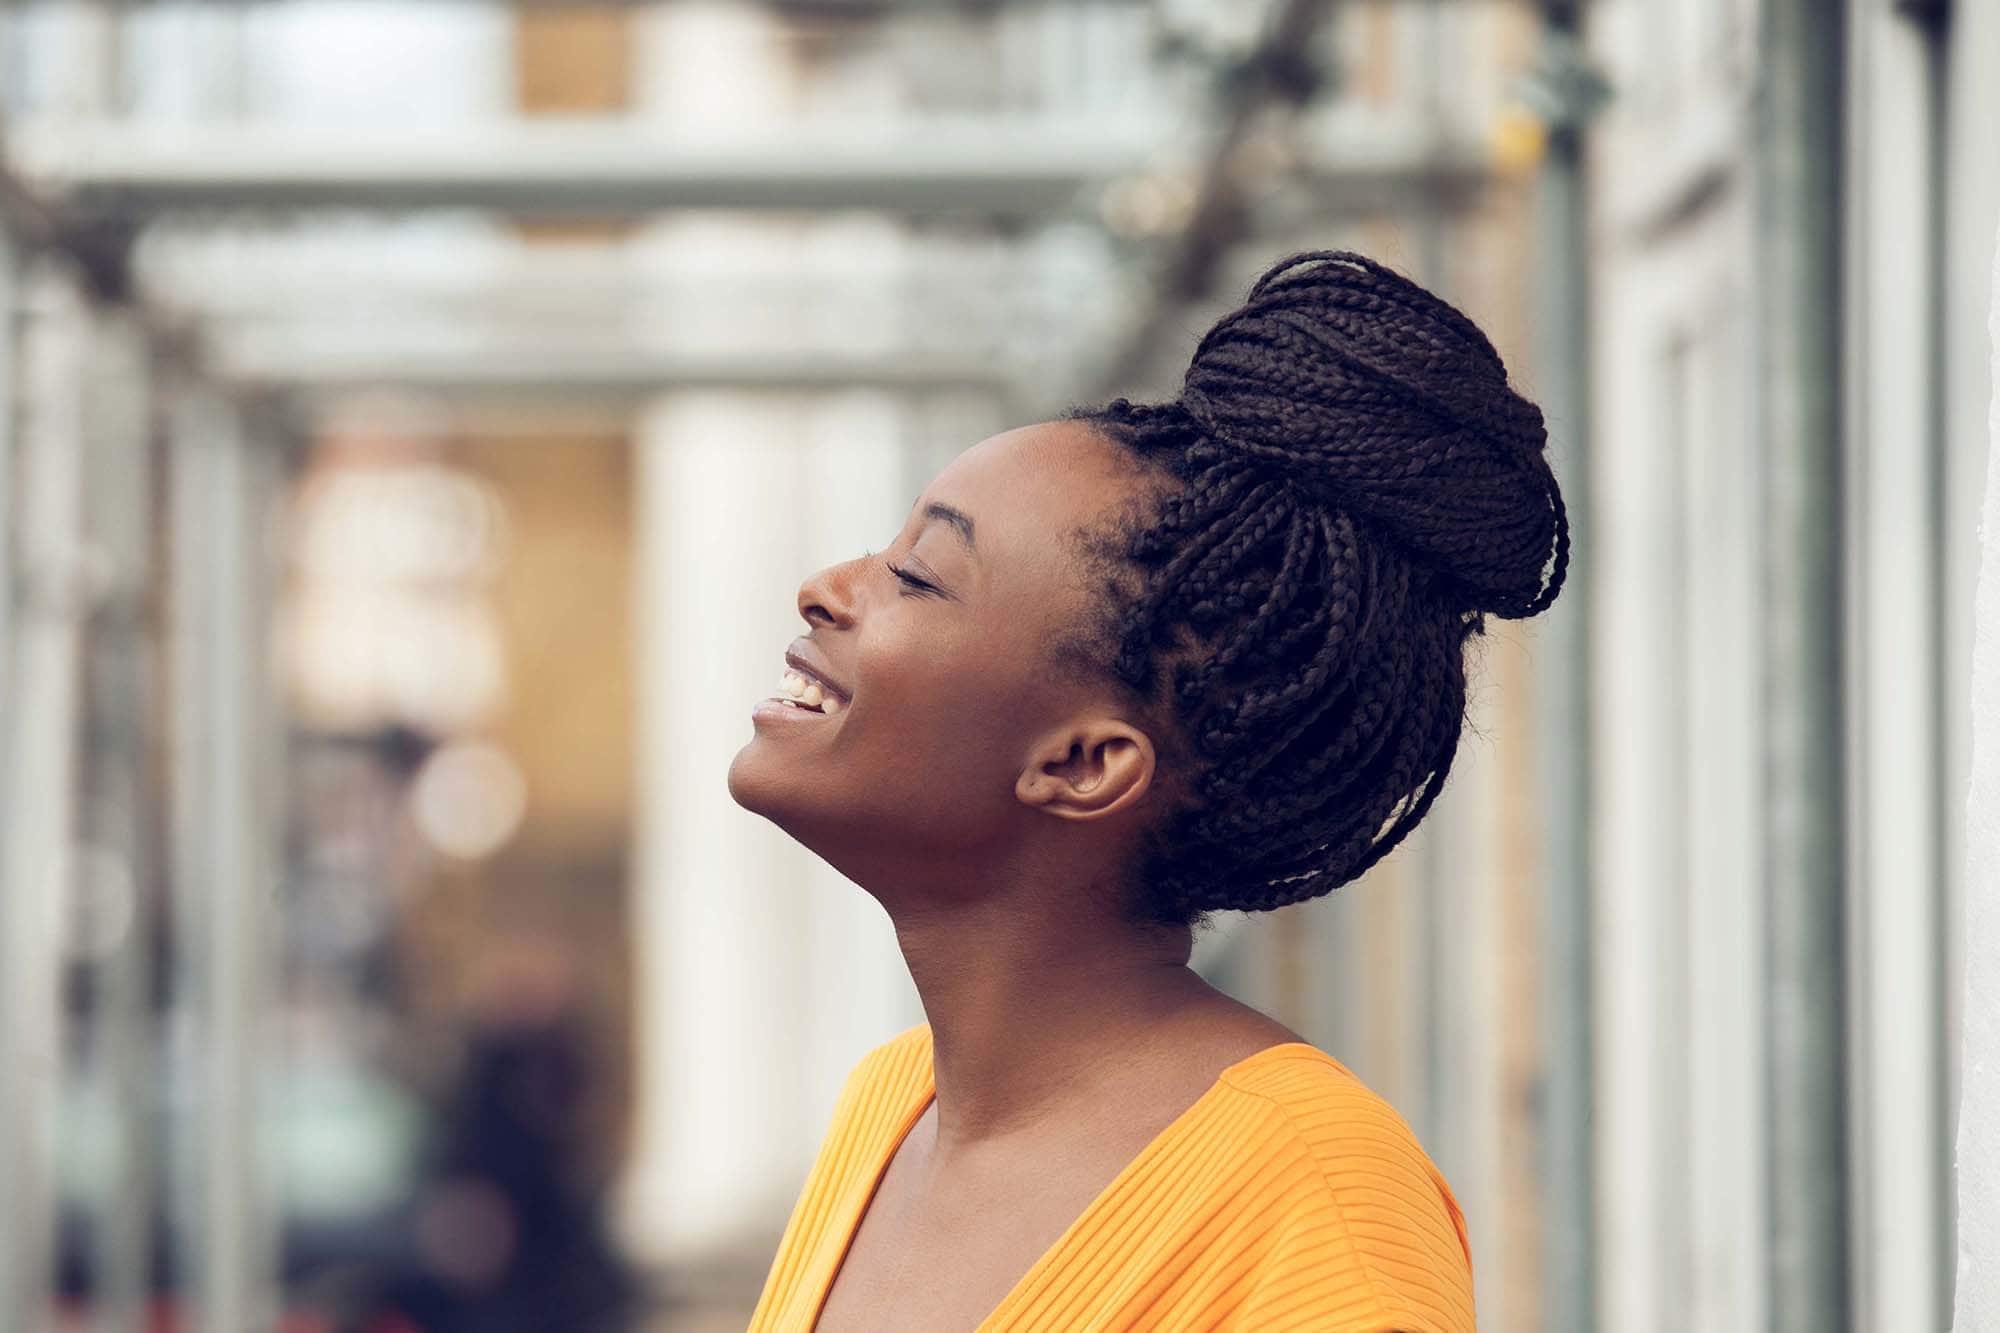 Longue boîte tresse les coiffures : Profil latéral souriant d'une femme avec de longues tresses en forme de boîte marron foncé dans un chignon haut, portant un haut jaune